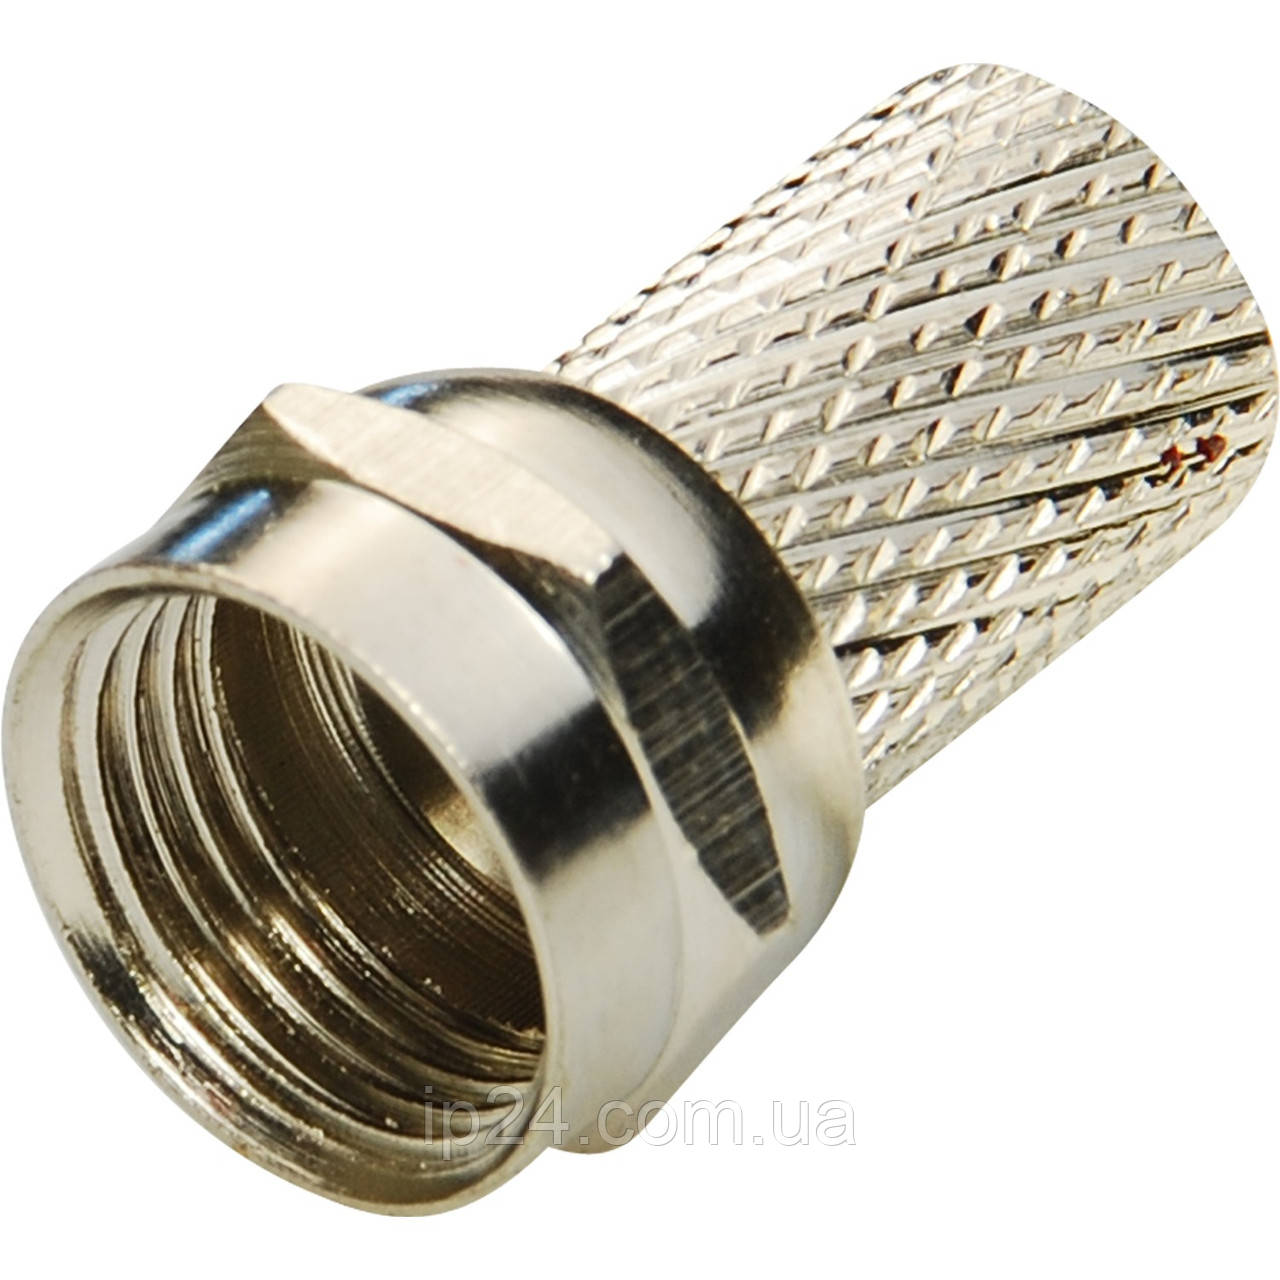 F-connector для коммутации телевизионных кабелей